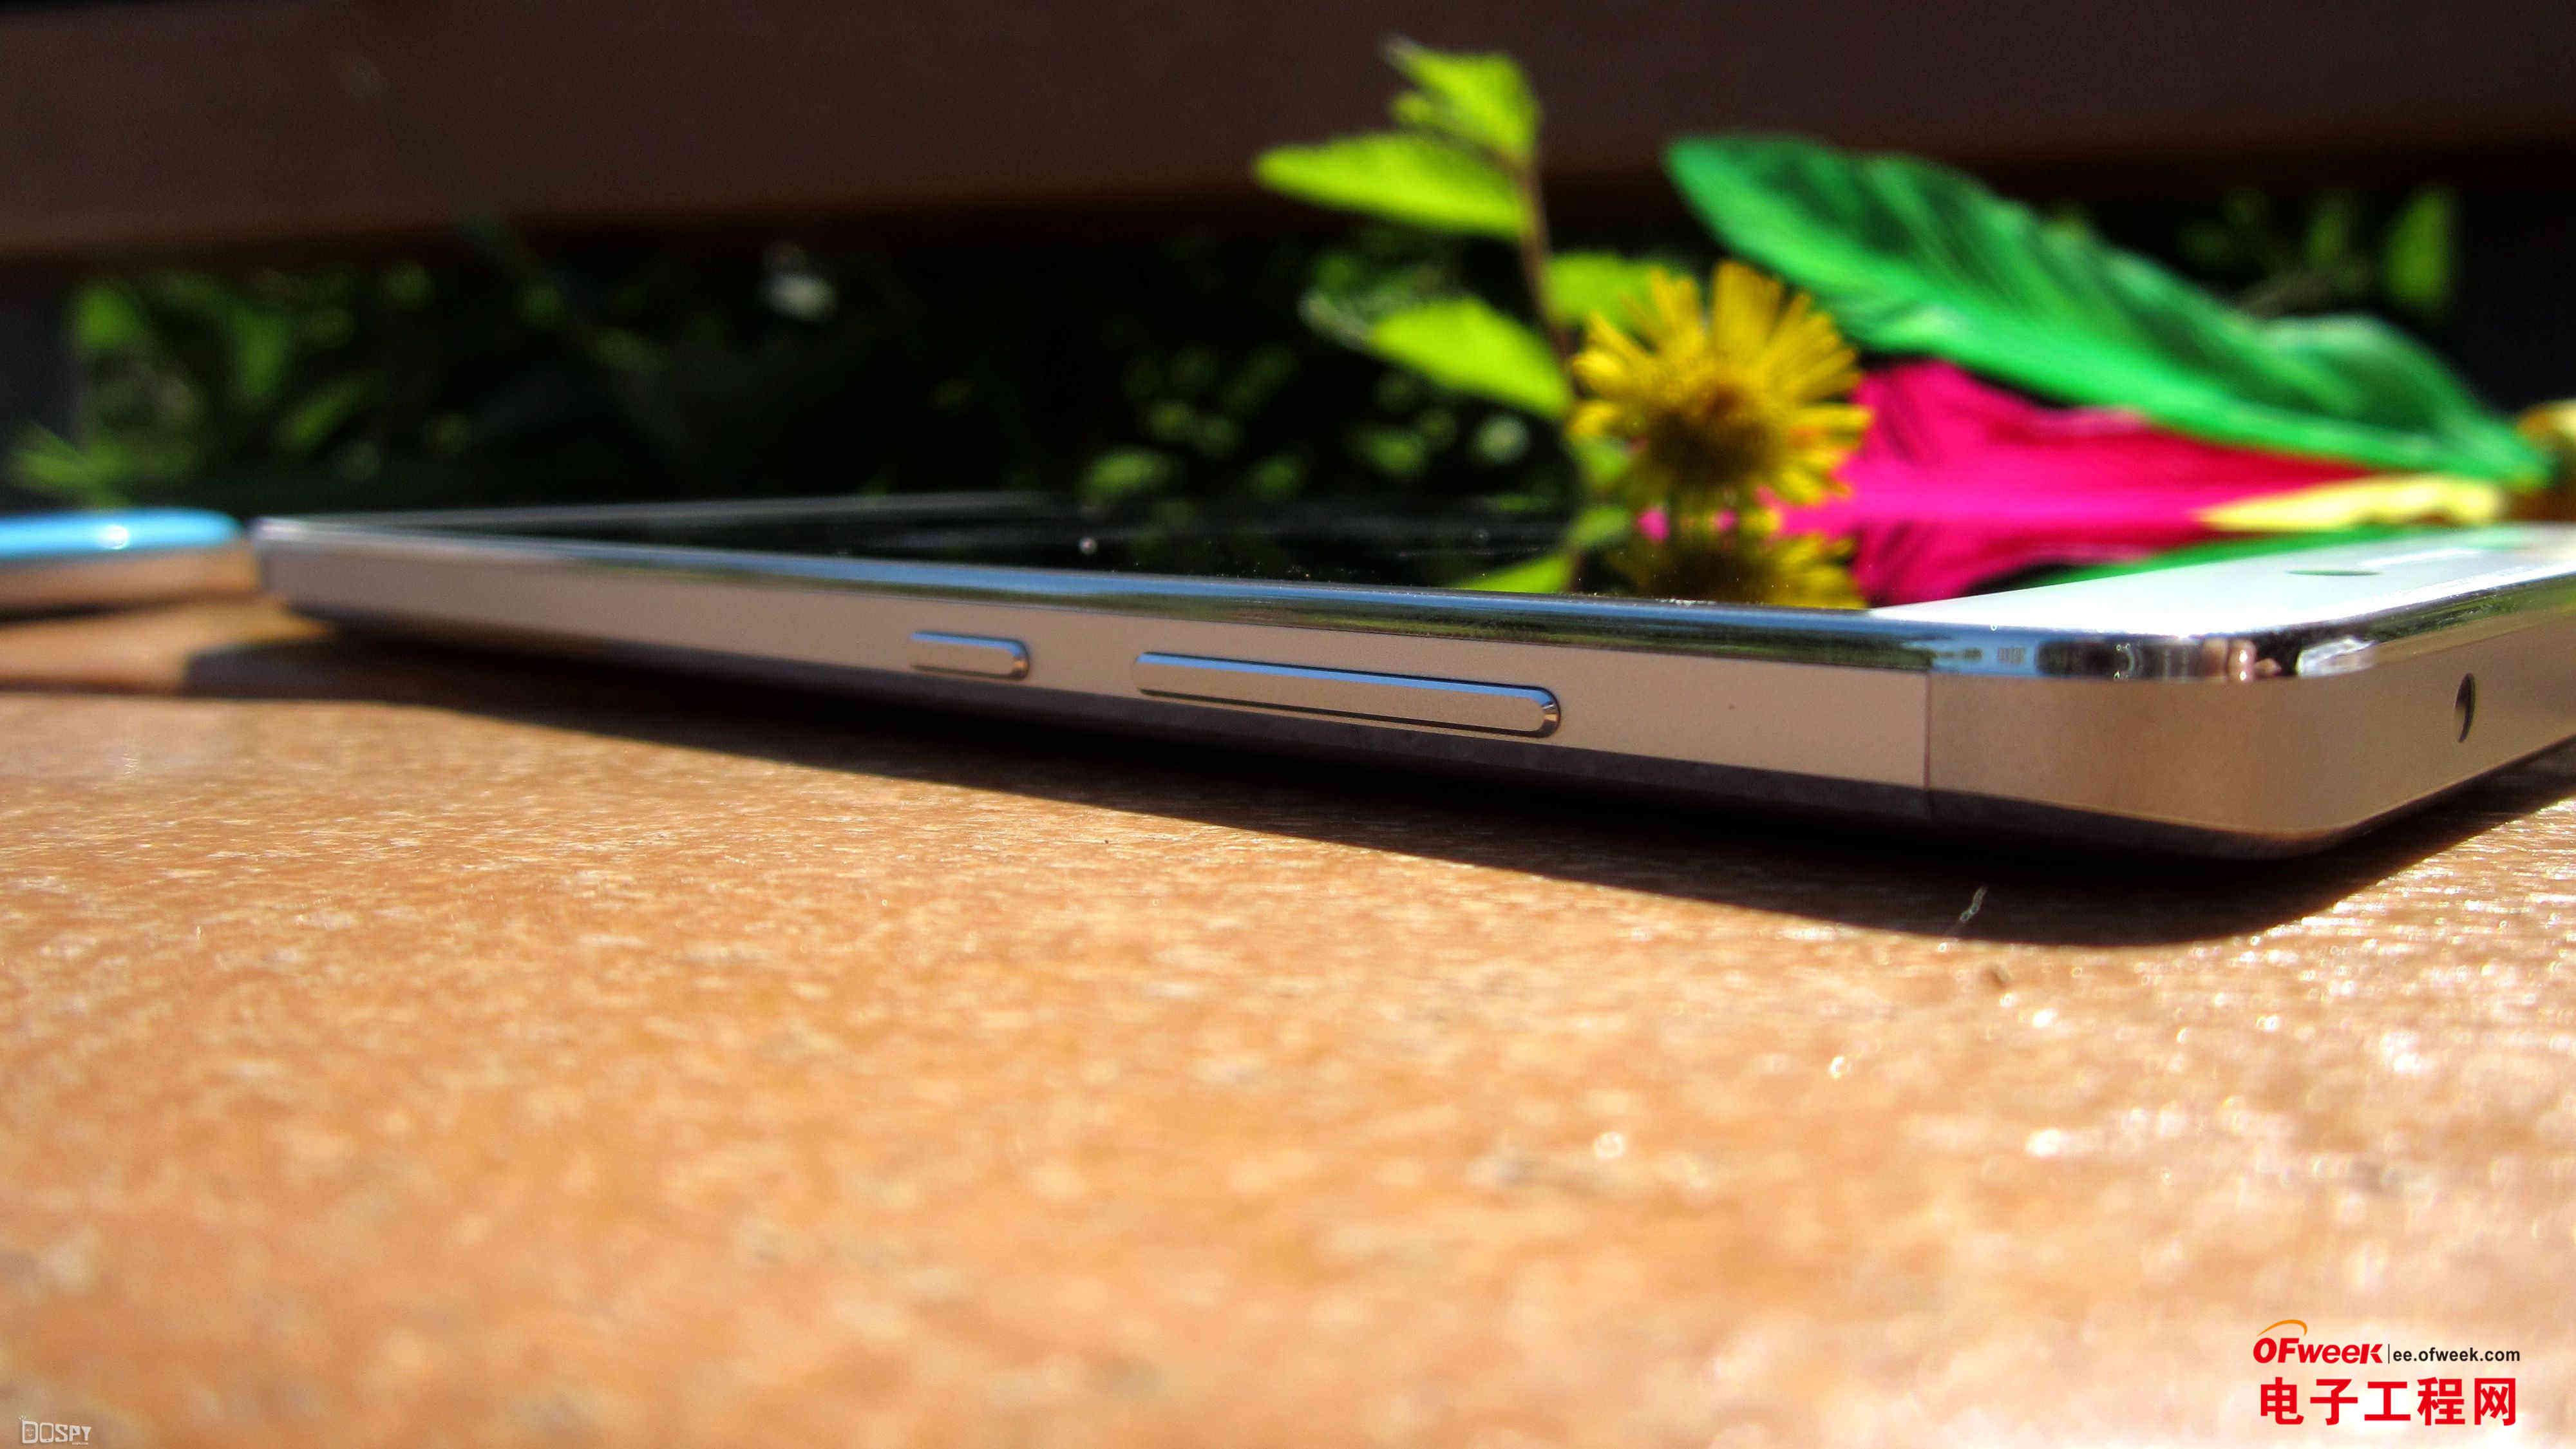 酷派cool1手机评测:对标红米Pro 不惧旗舰